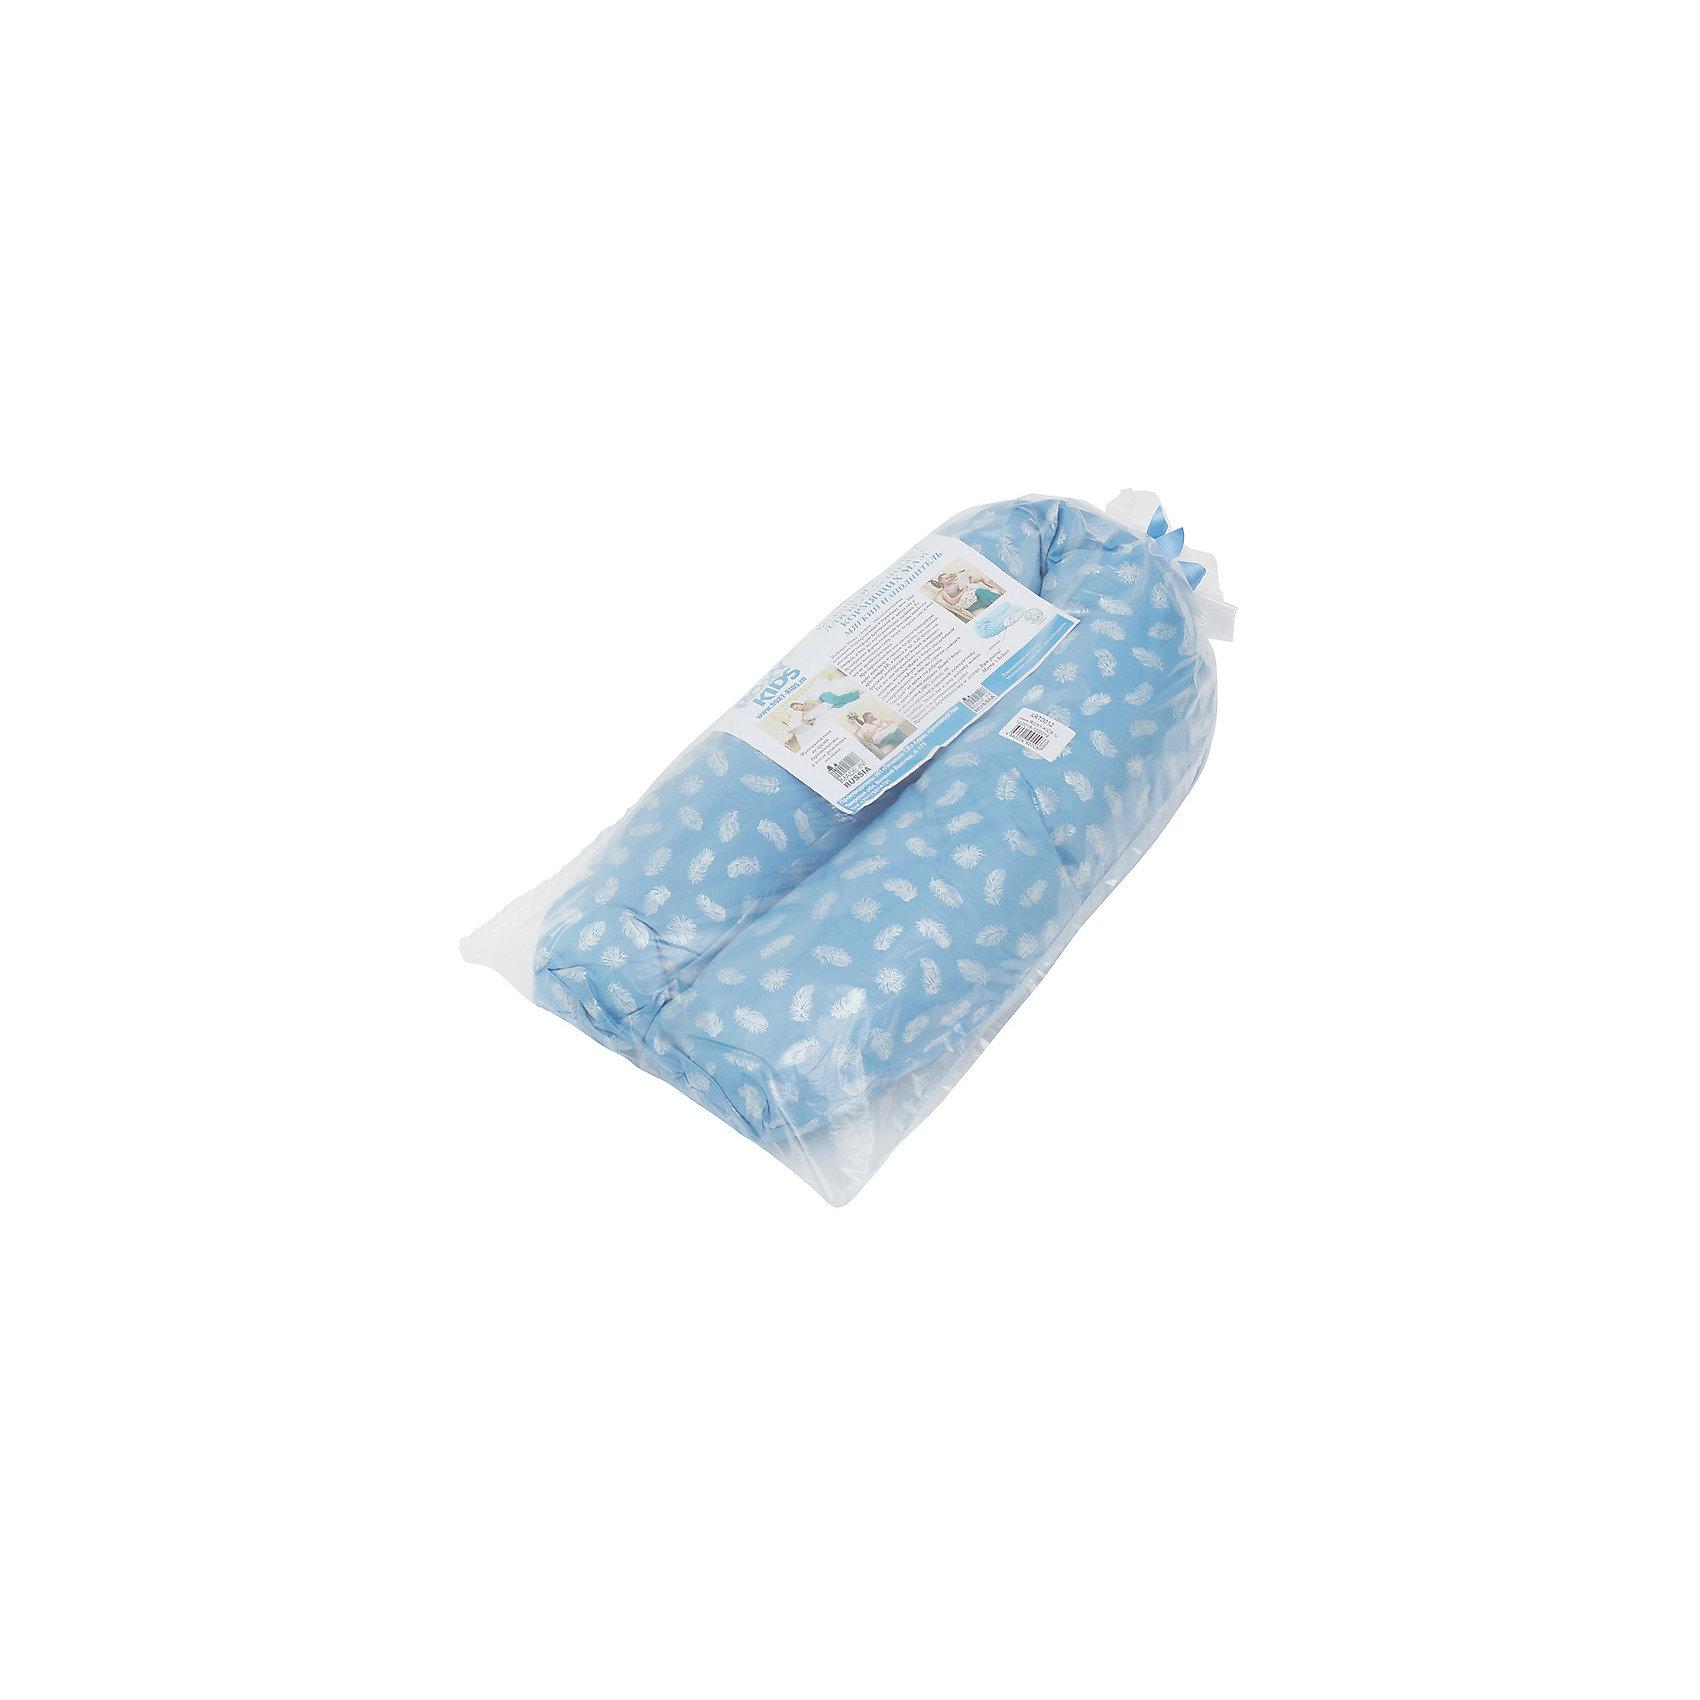 Подушка для беременных и кормления, Mamas helper, холлофайбер, голубой с белыми перышками (Mamas Helper)